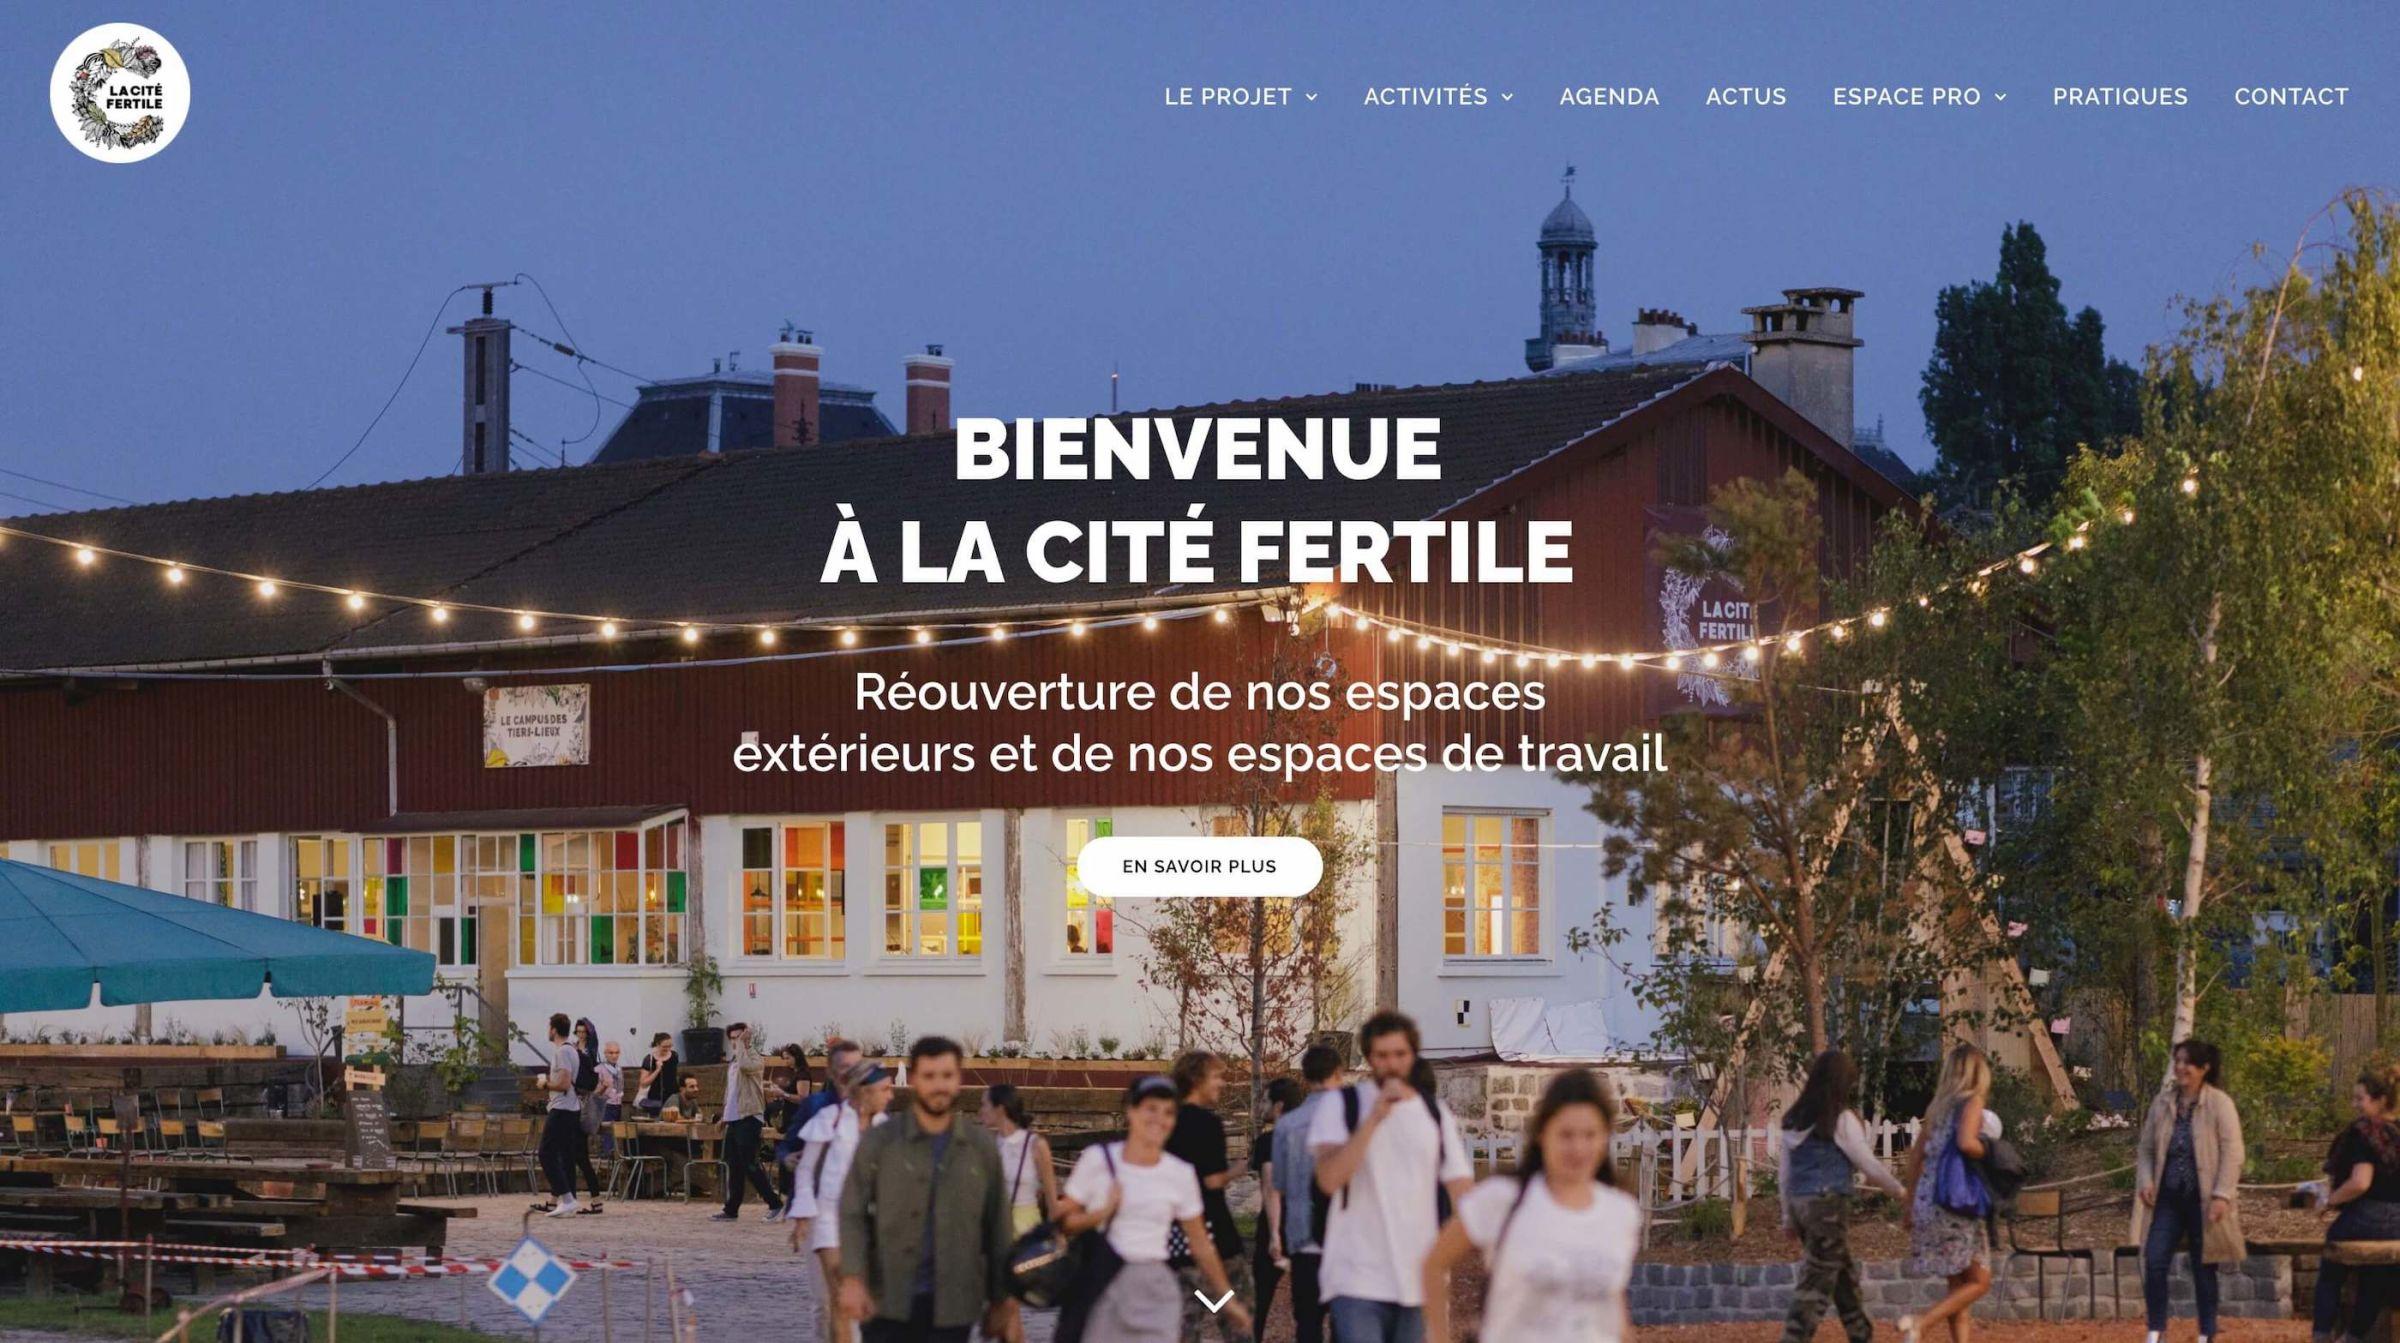 la-cite-fertile-website-screenshot